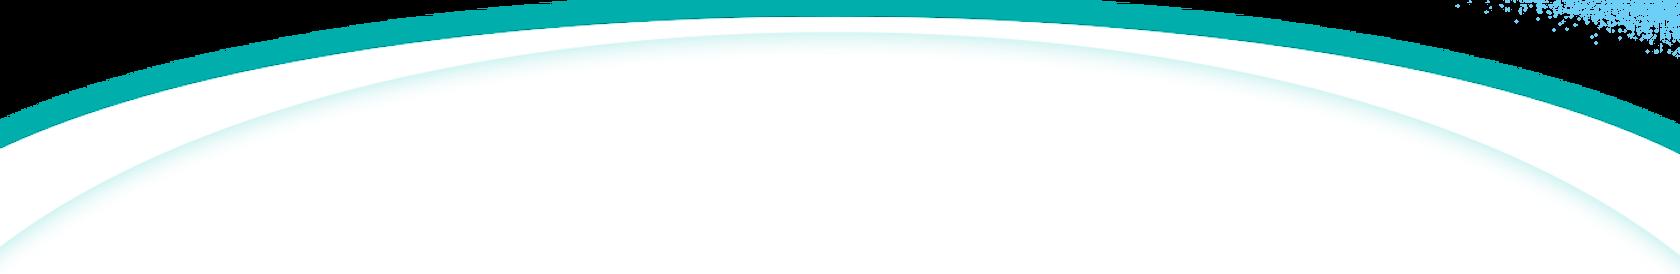 에메랄드렌즈-드림렌즈-대상자2.png